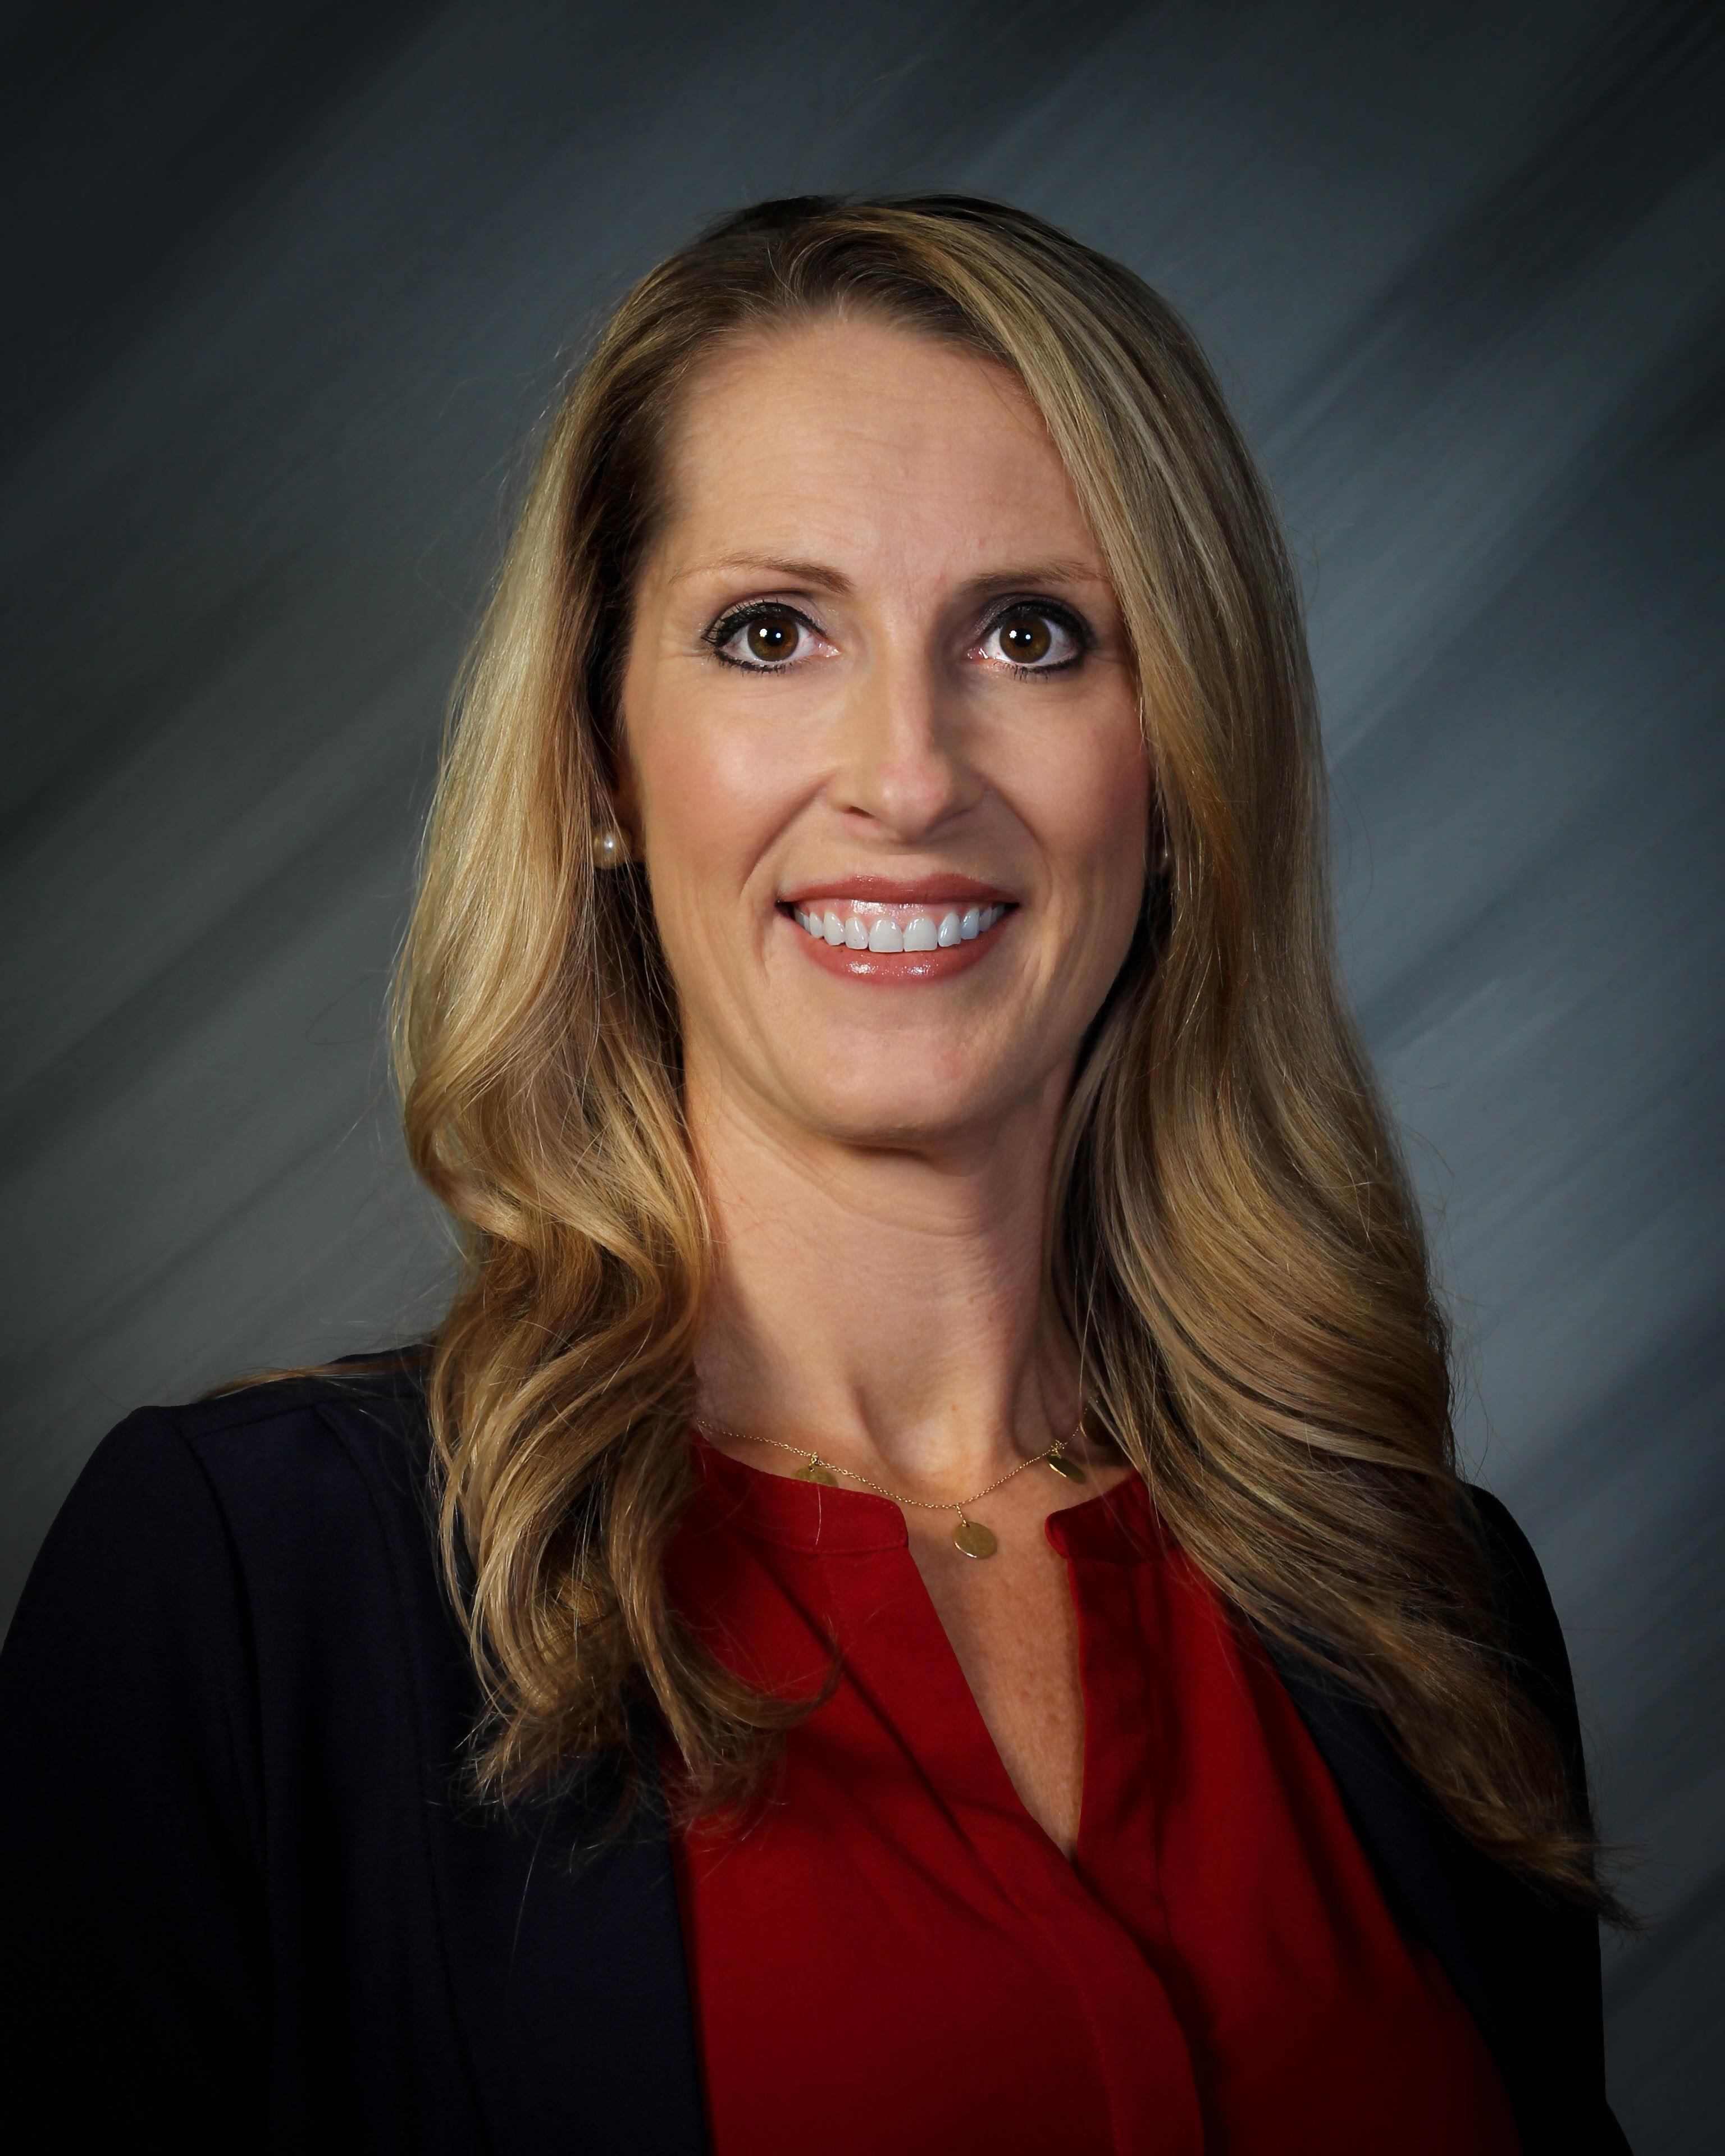 Marcie Lawson